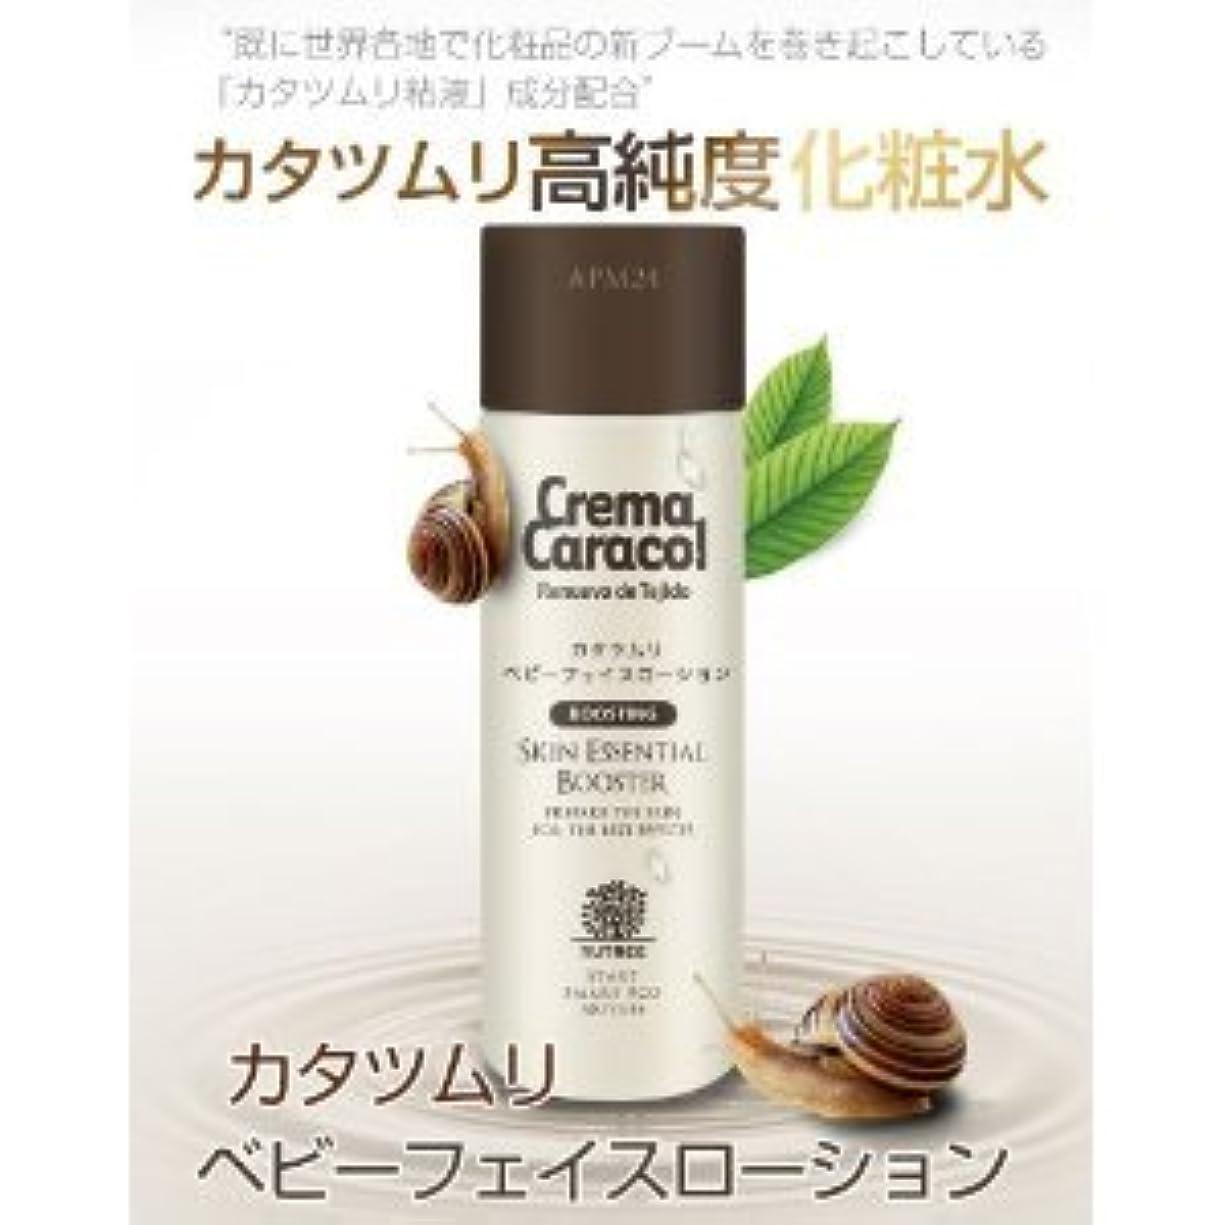 罪悪感動詞コロニアルcrema caracol(カラコール) ローション(化粧水) 5個セット